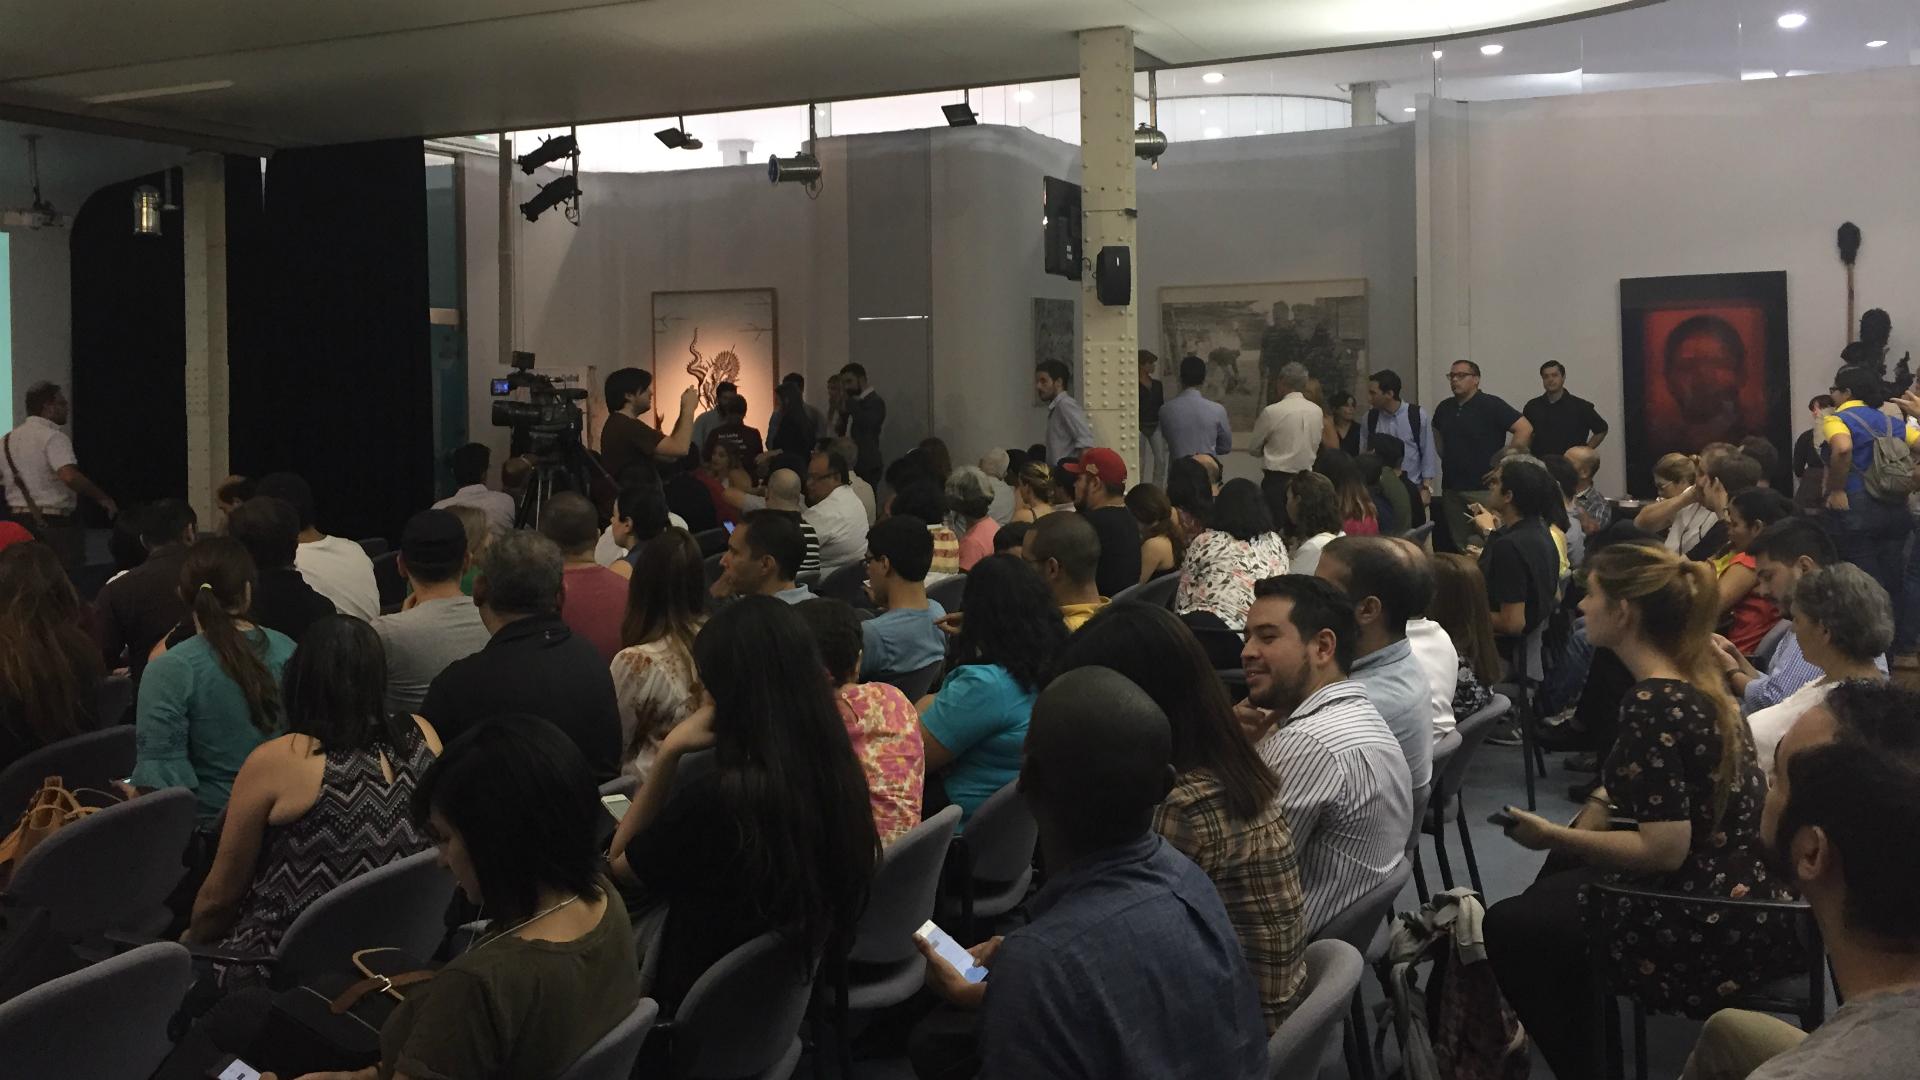 El auditorio del Banco Ciudad estuvo colmado especialmente por venezolanos radicados en Argentina. Casi todos los países de América Latina han estado recibiendo el flujo migratorio de quienes intentan escapar a las duras condiciones de vida en el país